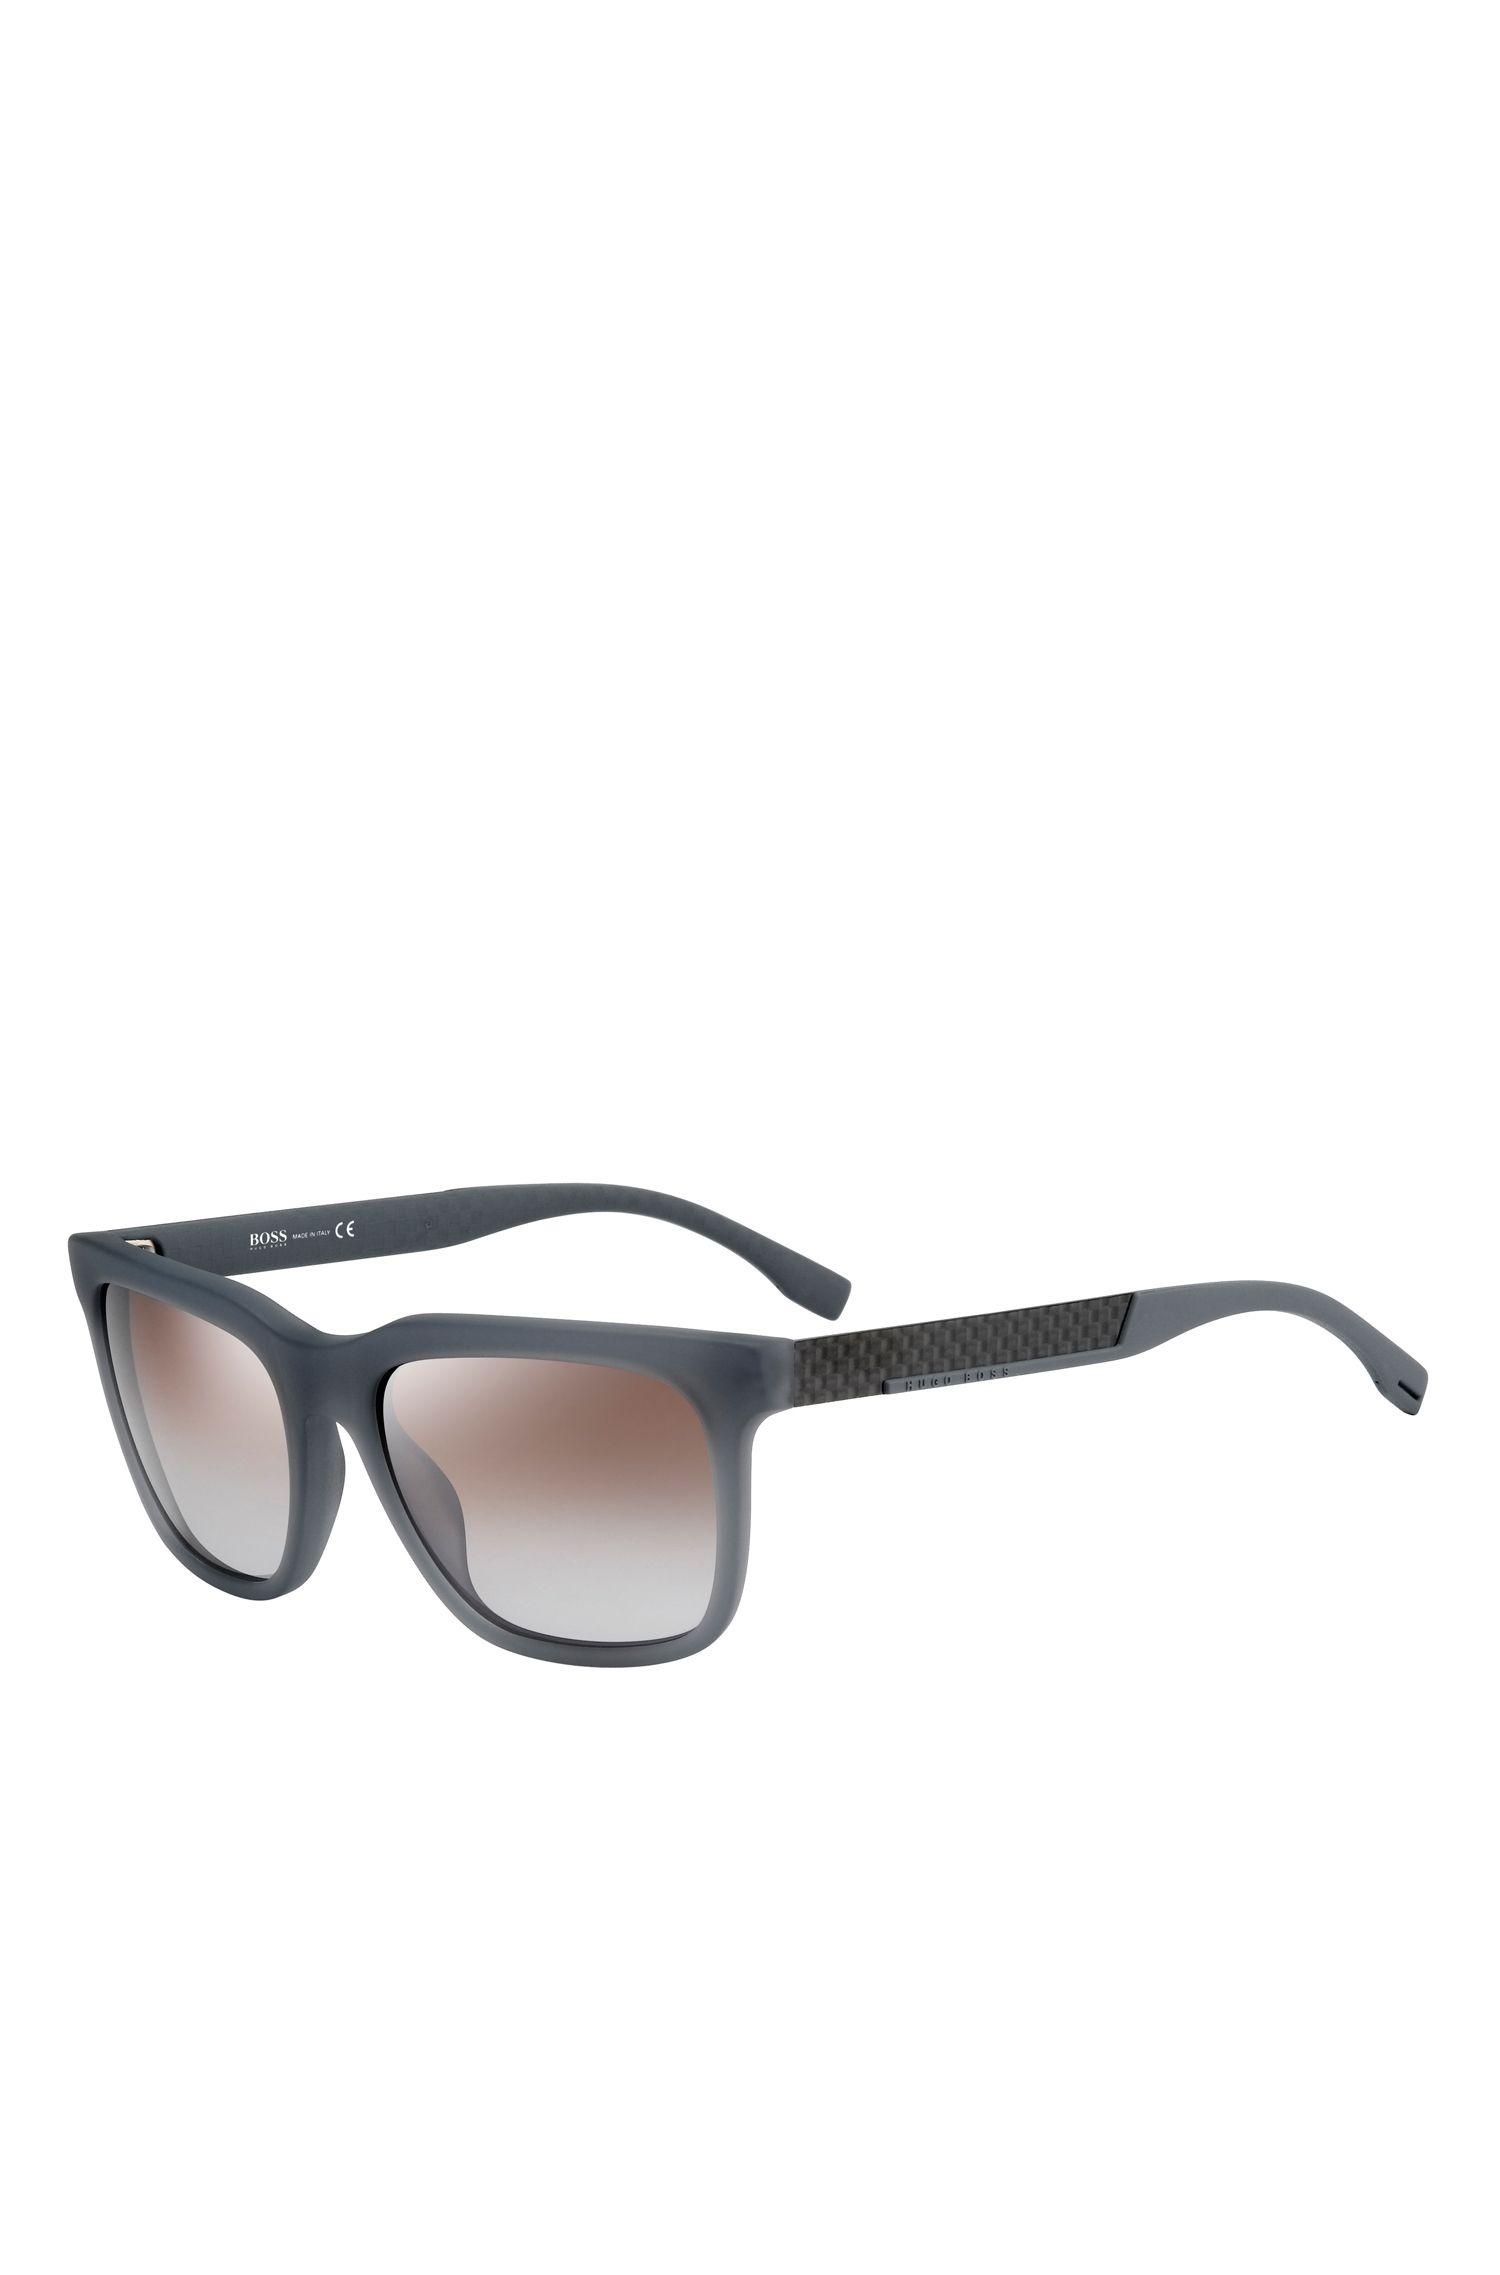 'BOSS 0670S' | Gradient Lens Rectangular Sunglasses